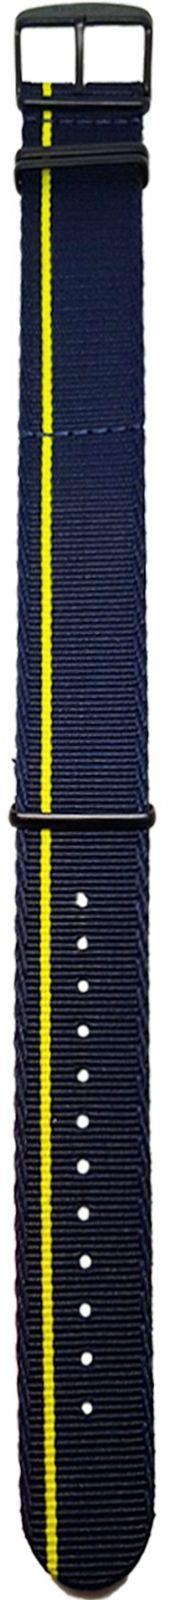 Traser TS-107806 > Darmowa dostawa Kurierem/Paczkomaty Darmowy zwrot przez 100 DNI